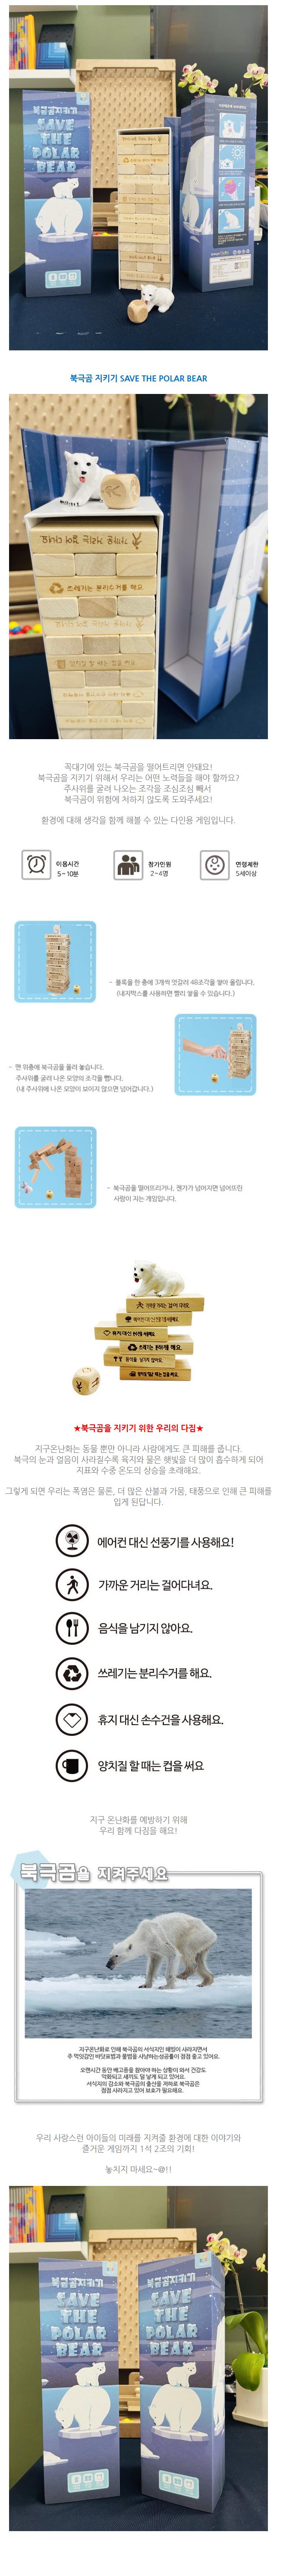 [~6/26] 북극곰 지키기 젠가 게임 체험단을 모집